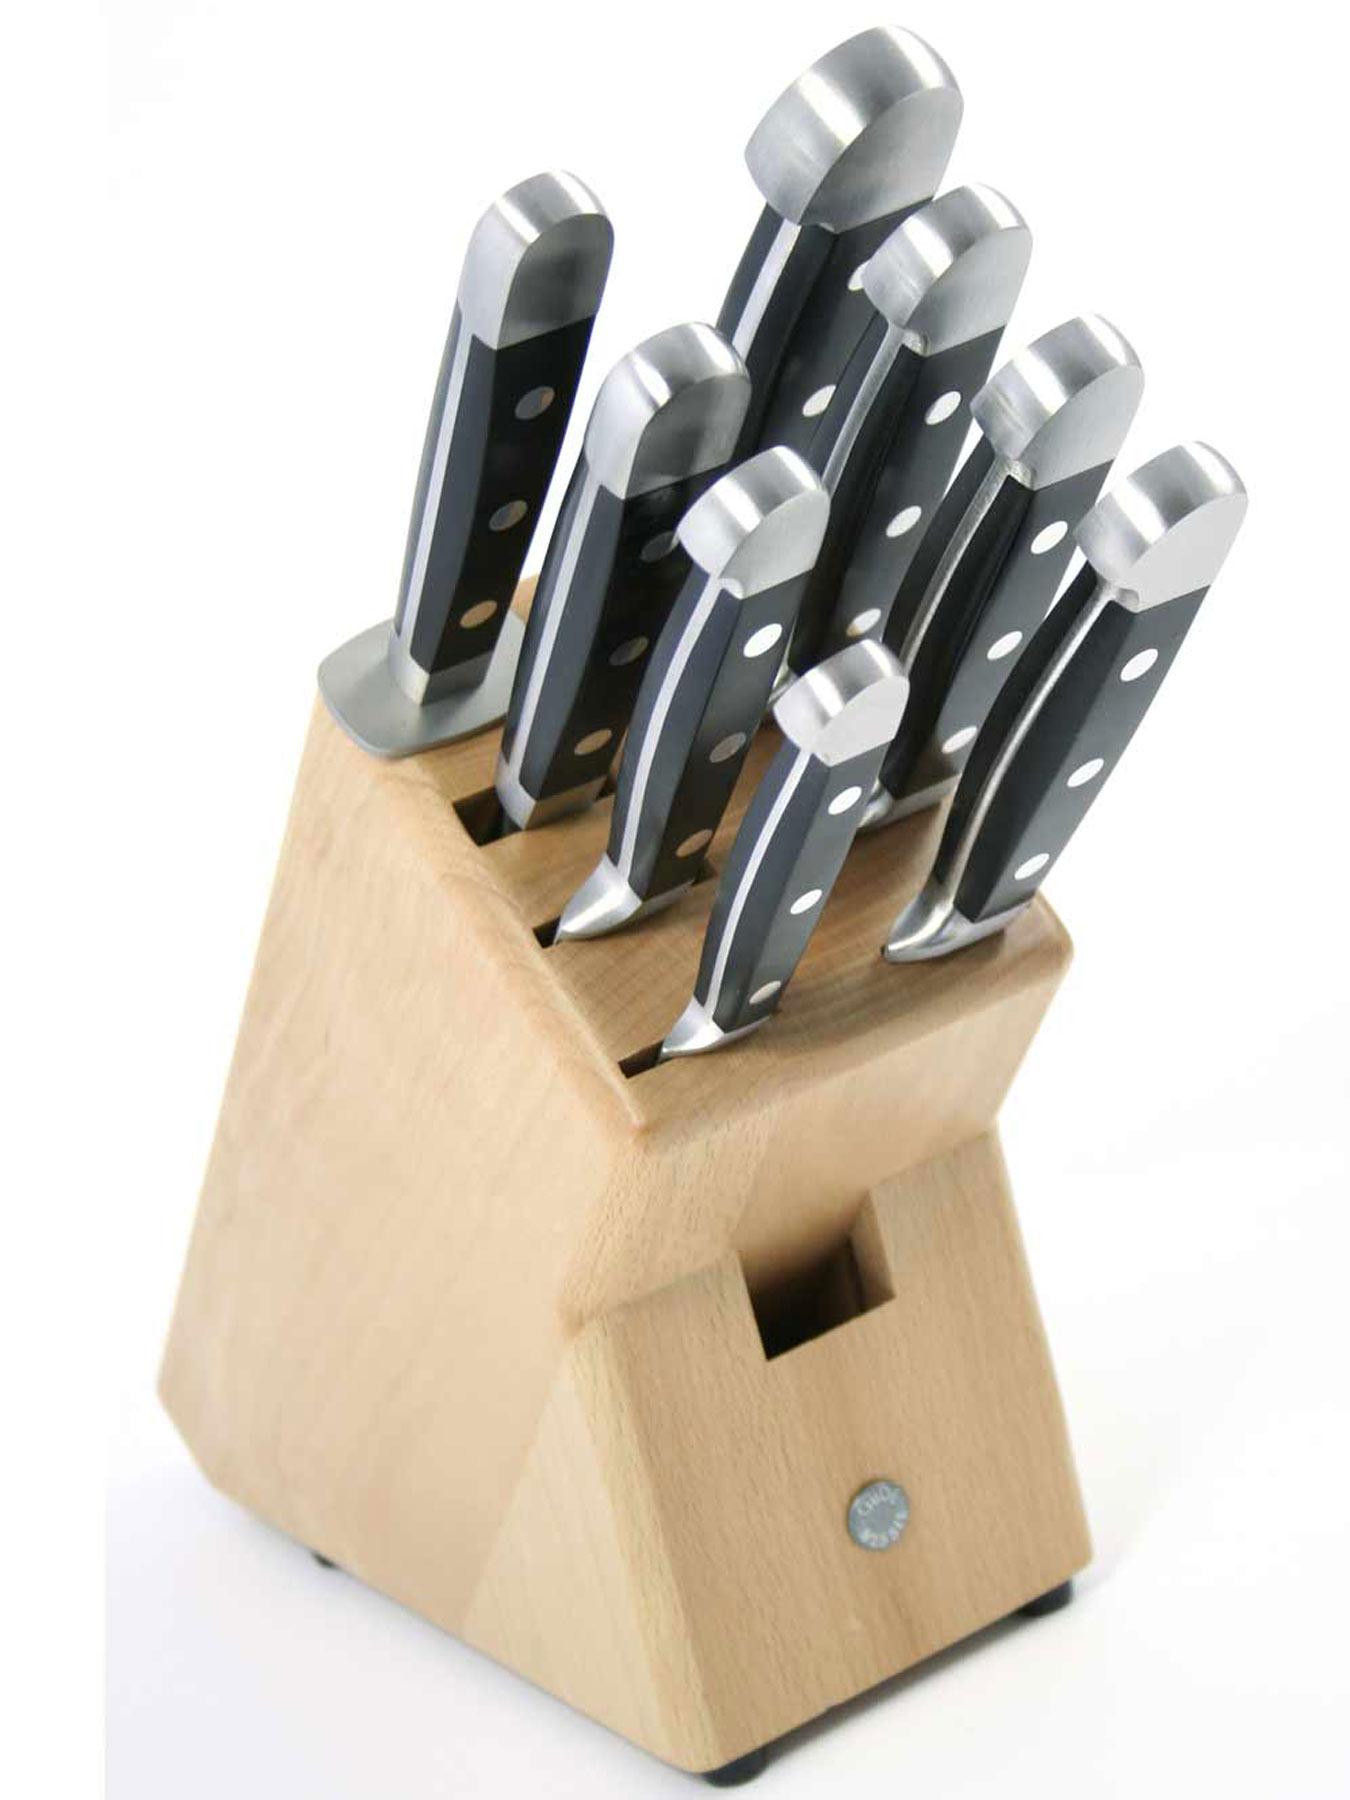 Güde 9-1000LN Messerblock natur unbestückt für 8 Teile